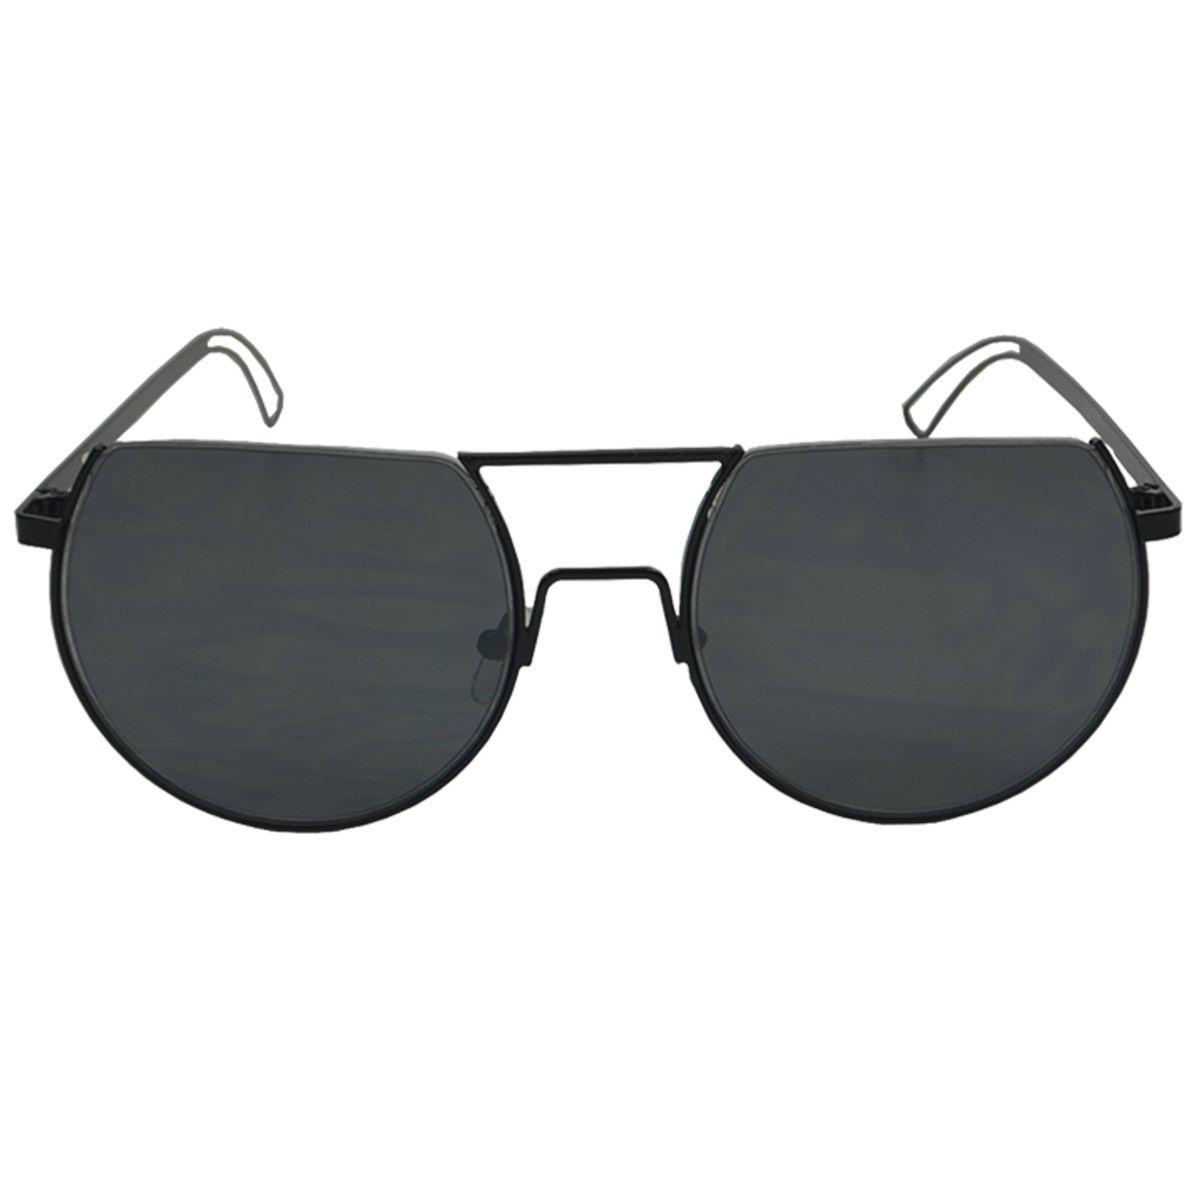 b9d04cd4a Óculos de Sol Feminino Mackage MK548 Preto